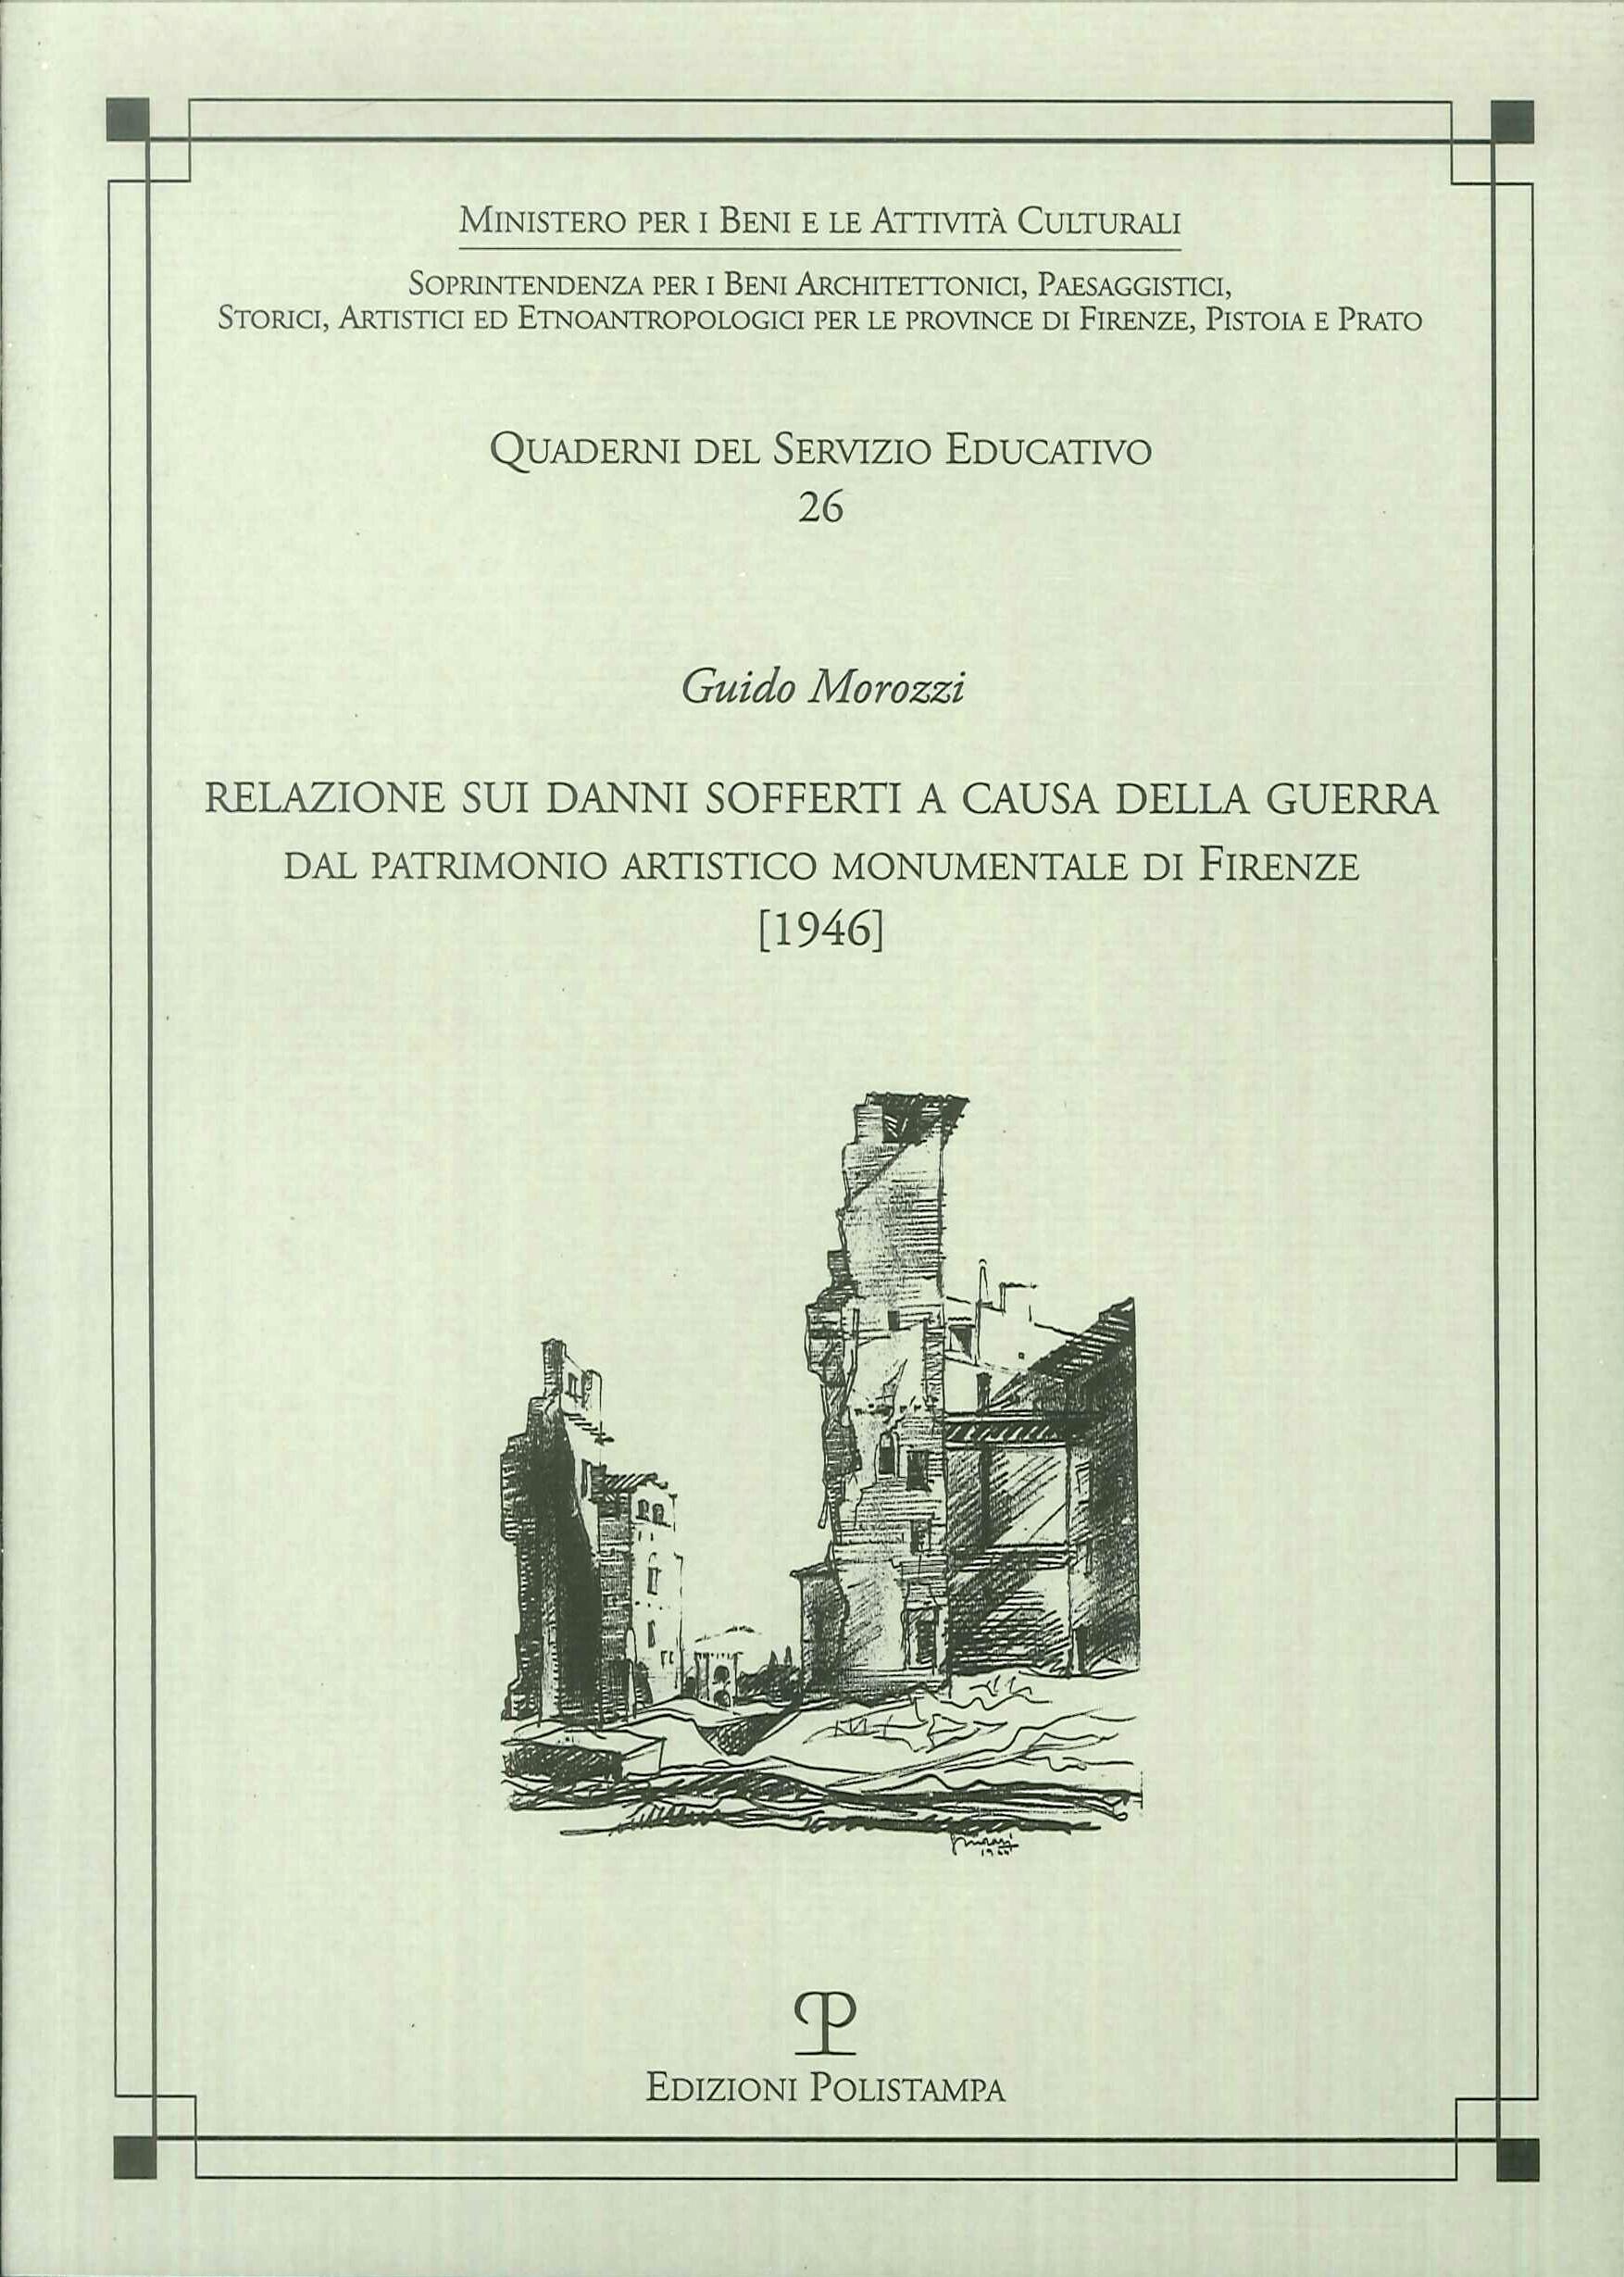 Relazione sui danni sofferti a causa della guerra. Dal patrimonio artistico monumentale di Firenze